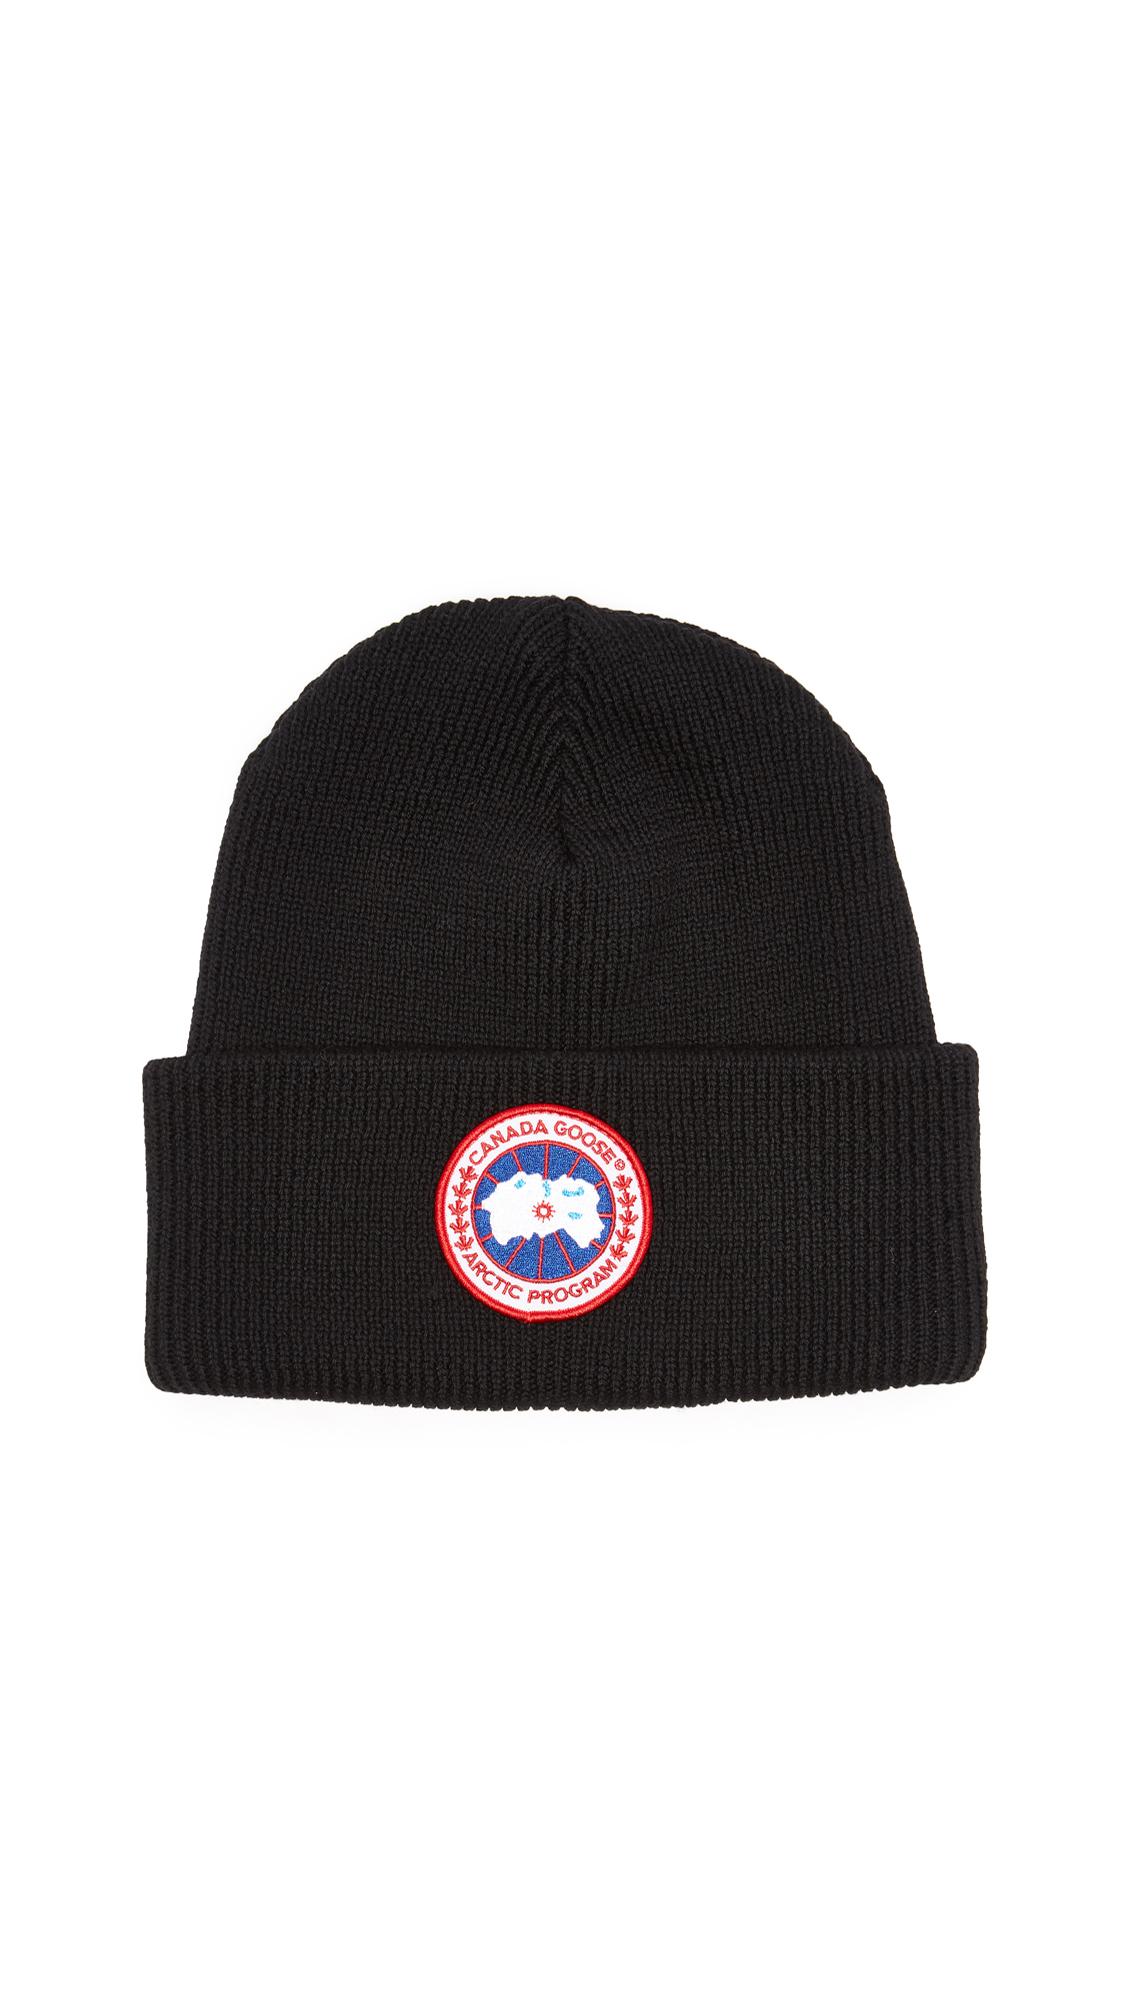 bonnet canada goose